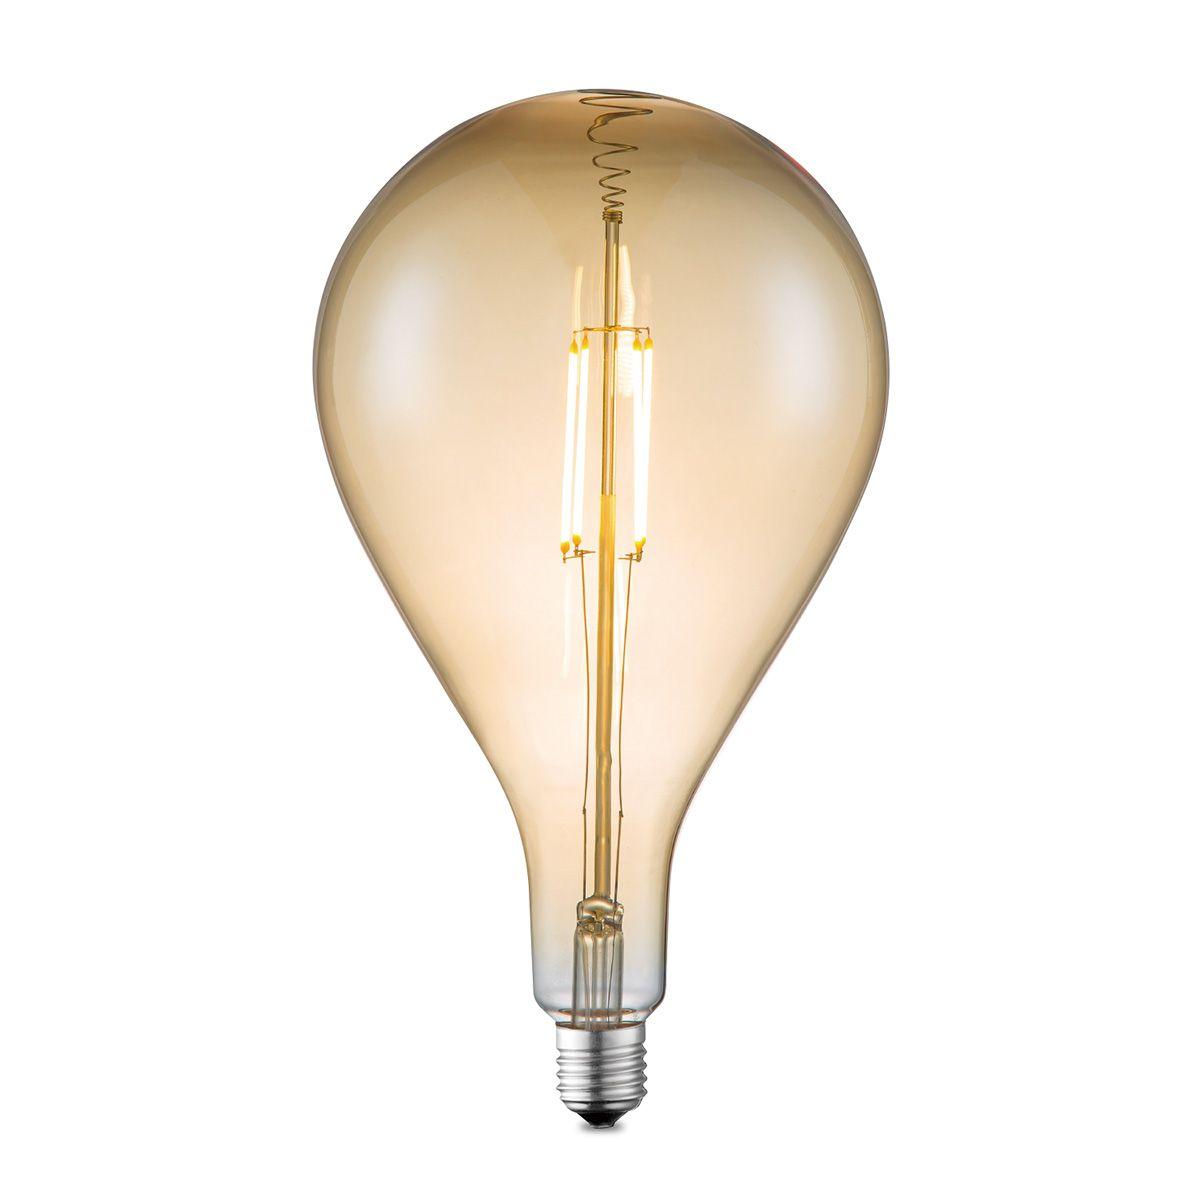 Light depot LED lamp Pear E27 4W dimbaar amber Outlet